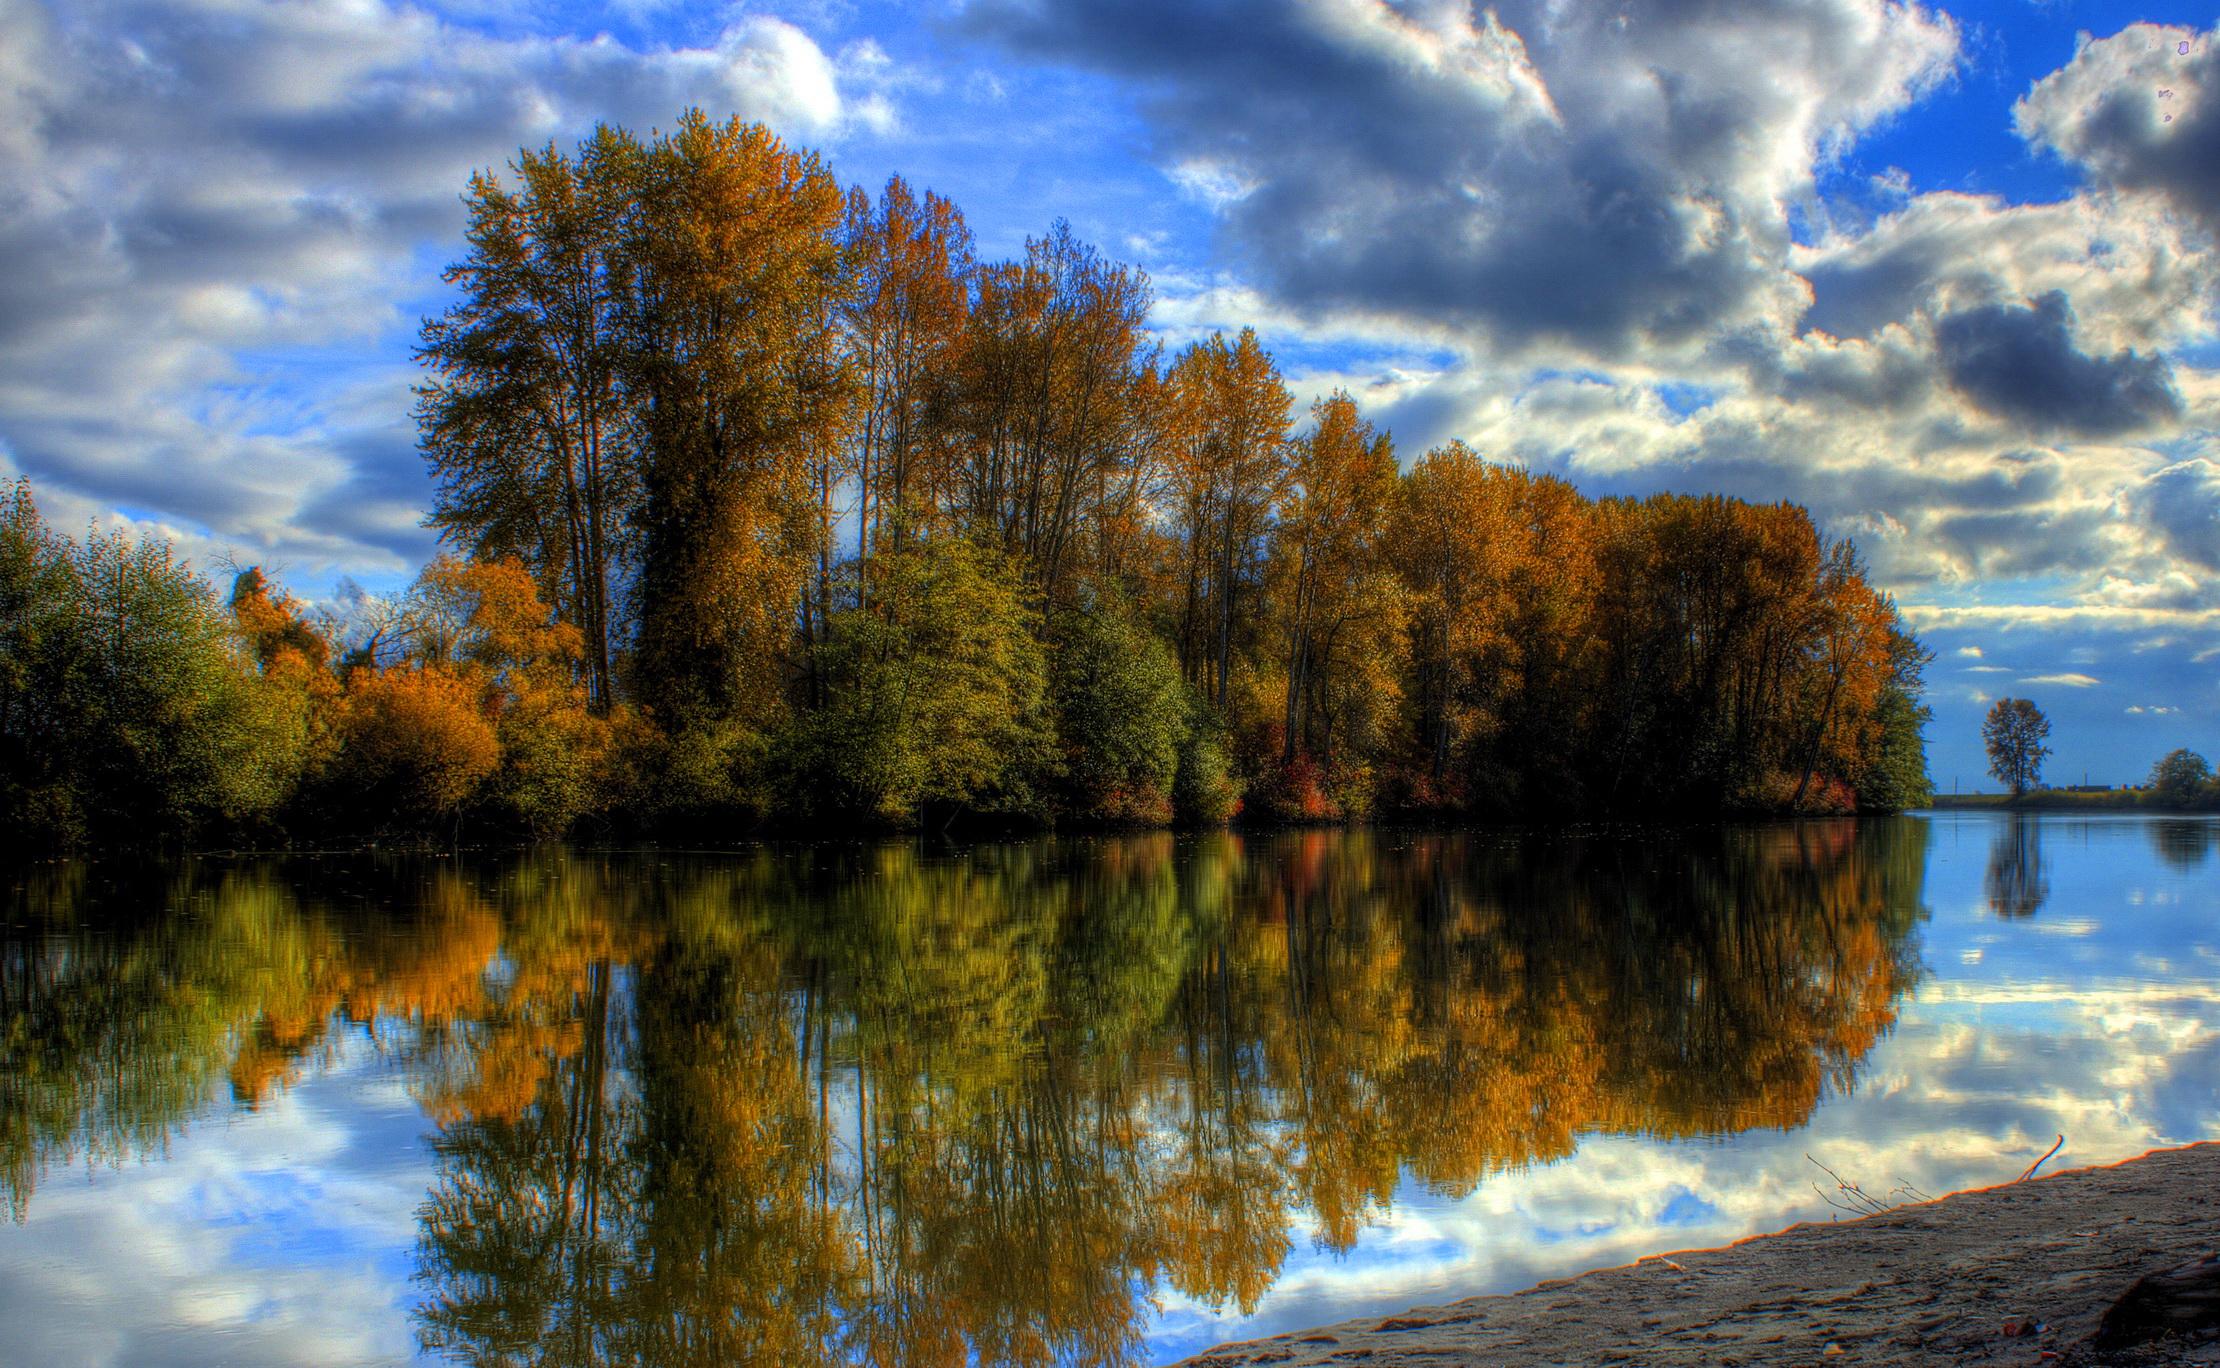 природа HDR река деревья  № 257304 загрузить